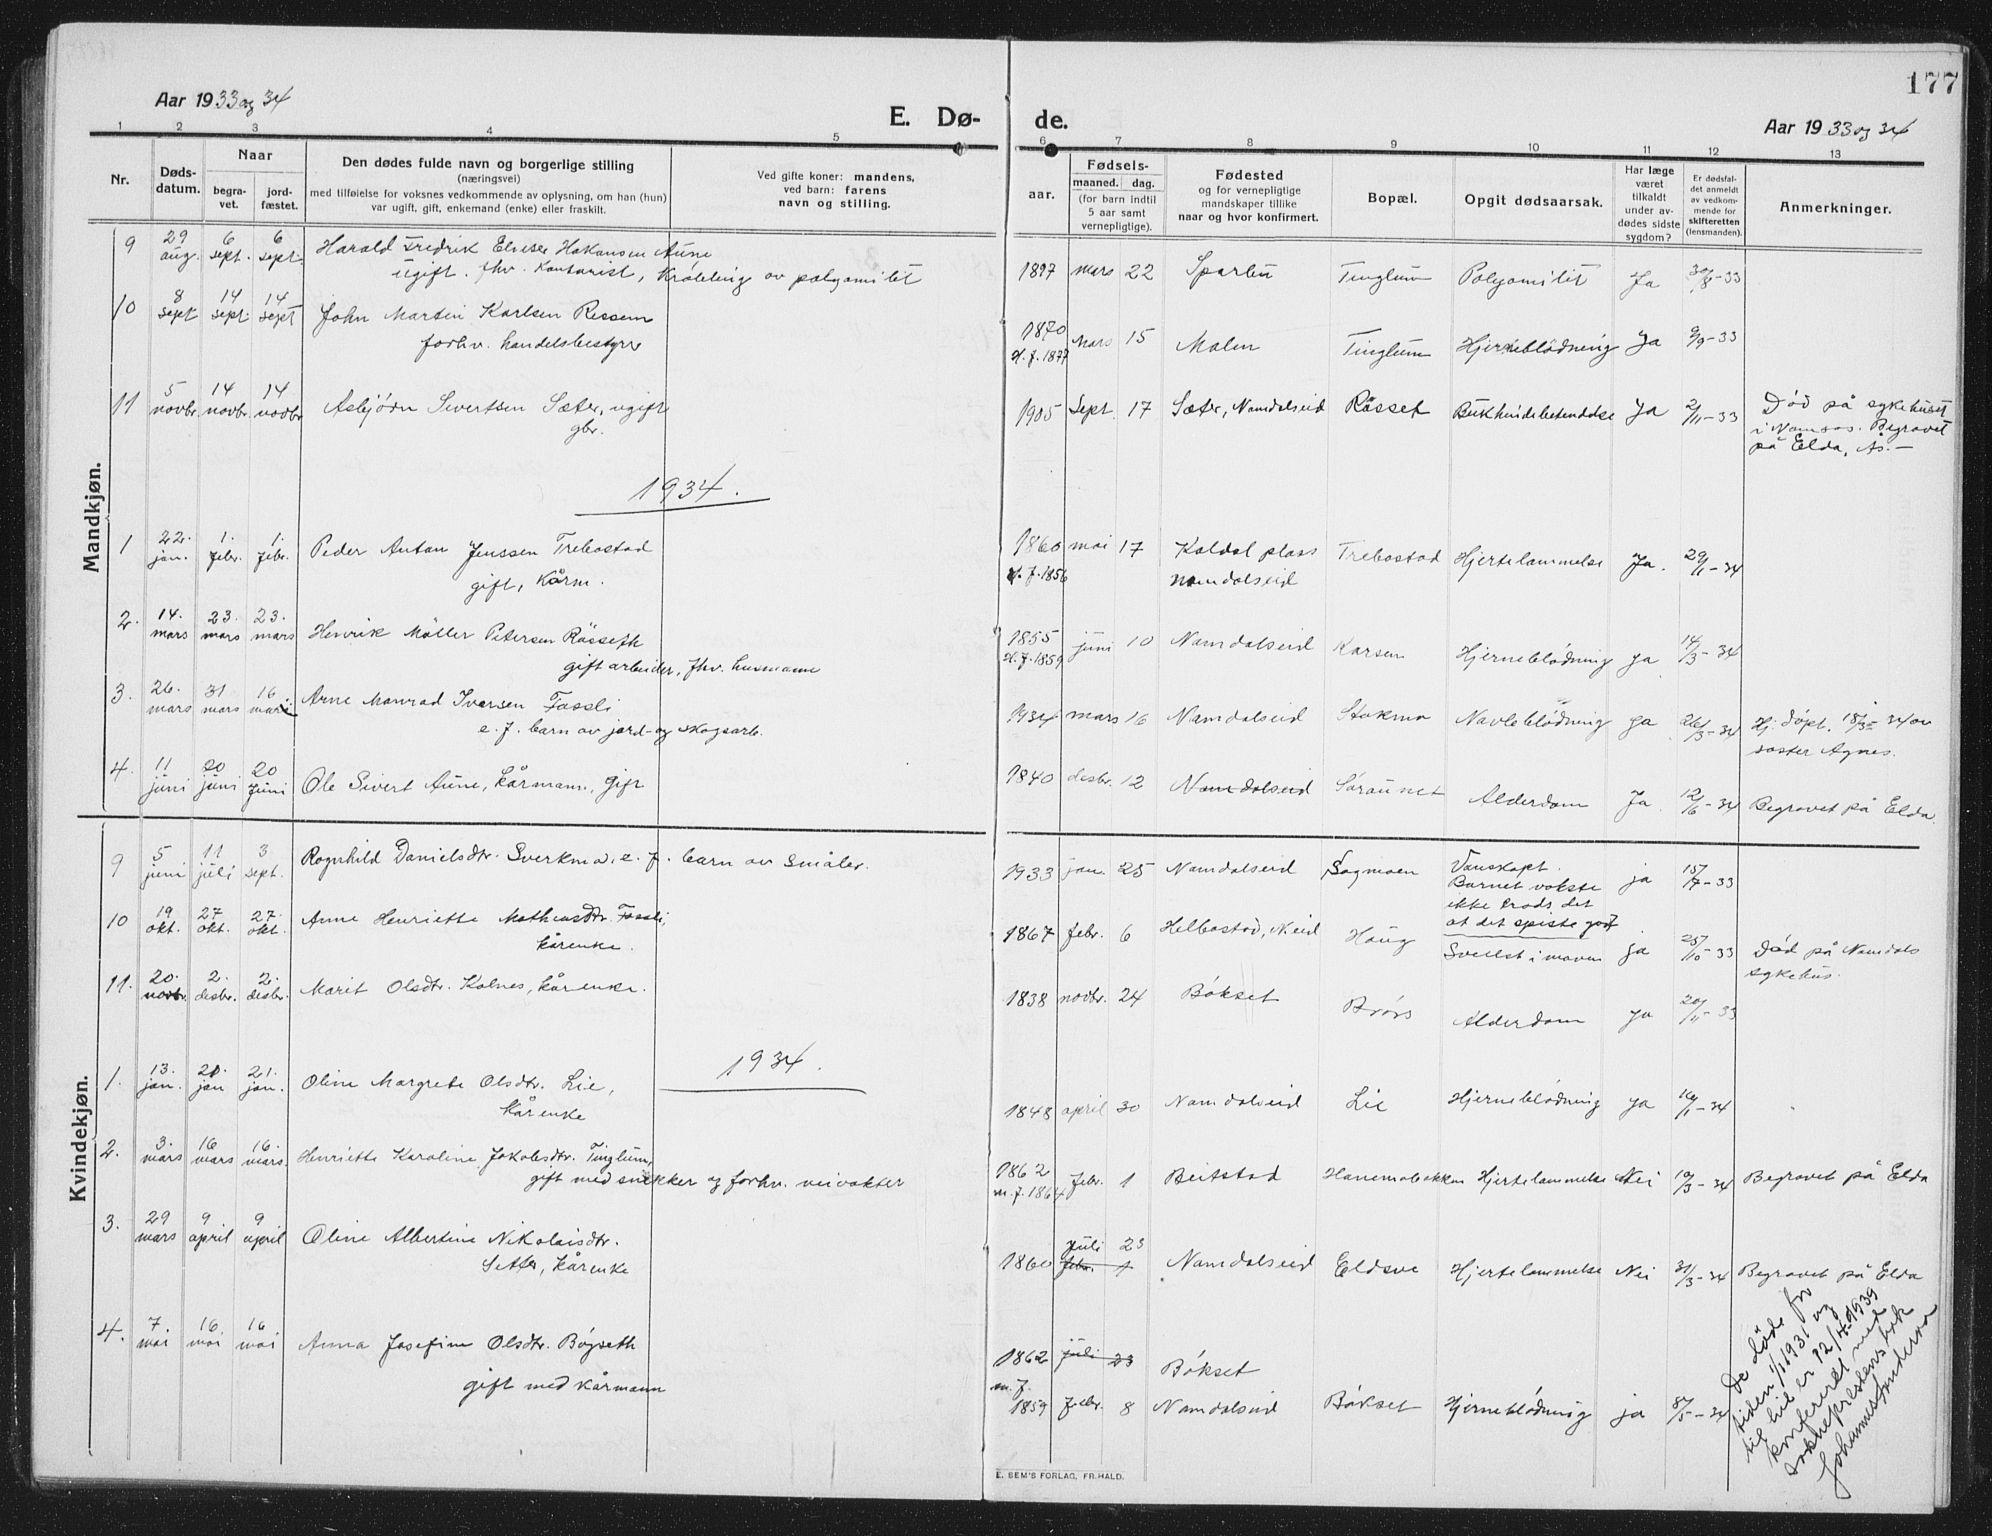 SAT, Ministerialprotokoller, klokkerbøker og fødselsregistre - Nord-Trøndelag, 742/L0413: Klokkerbok nr. 742C04, 1911-1938, s. 177